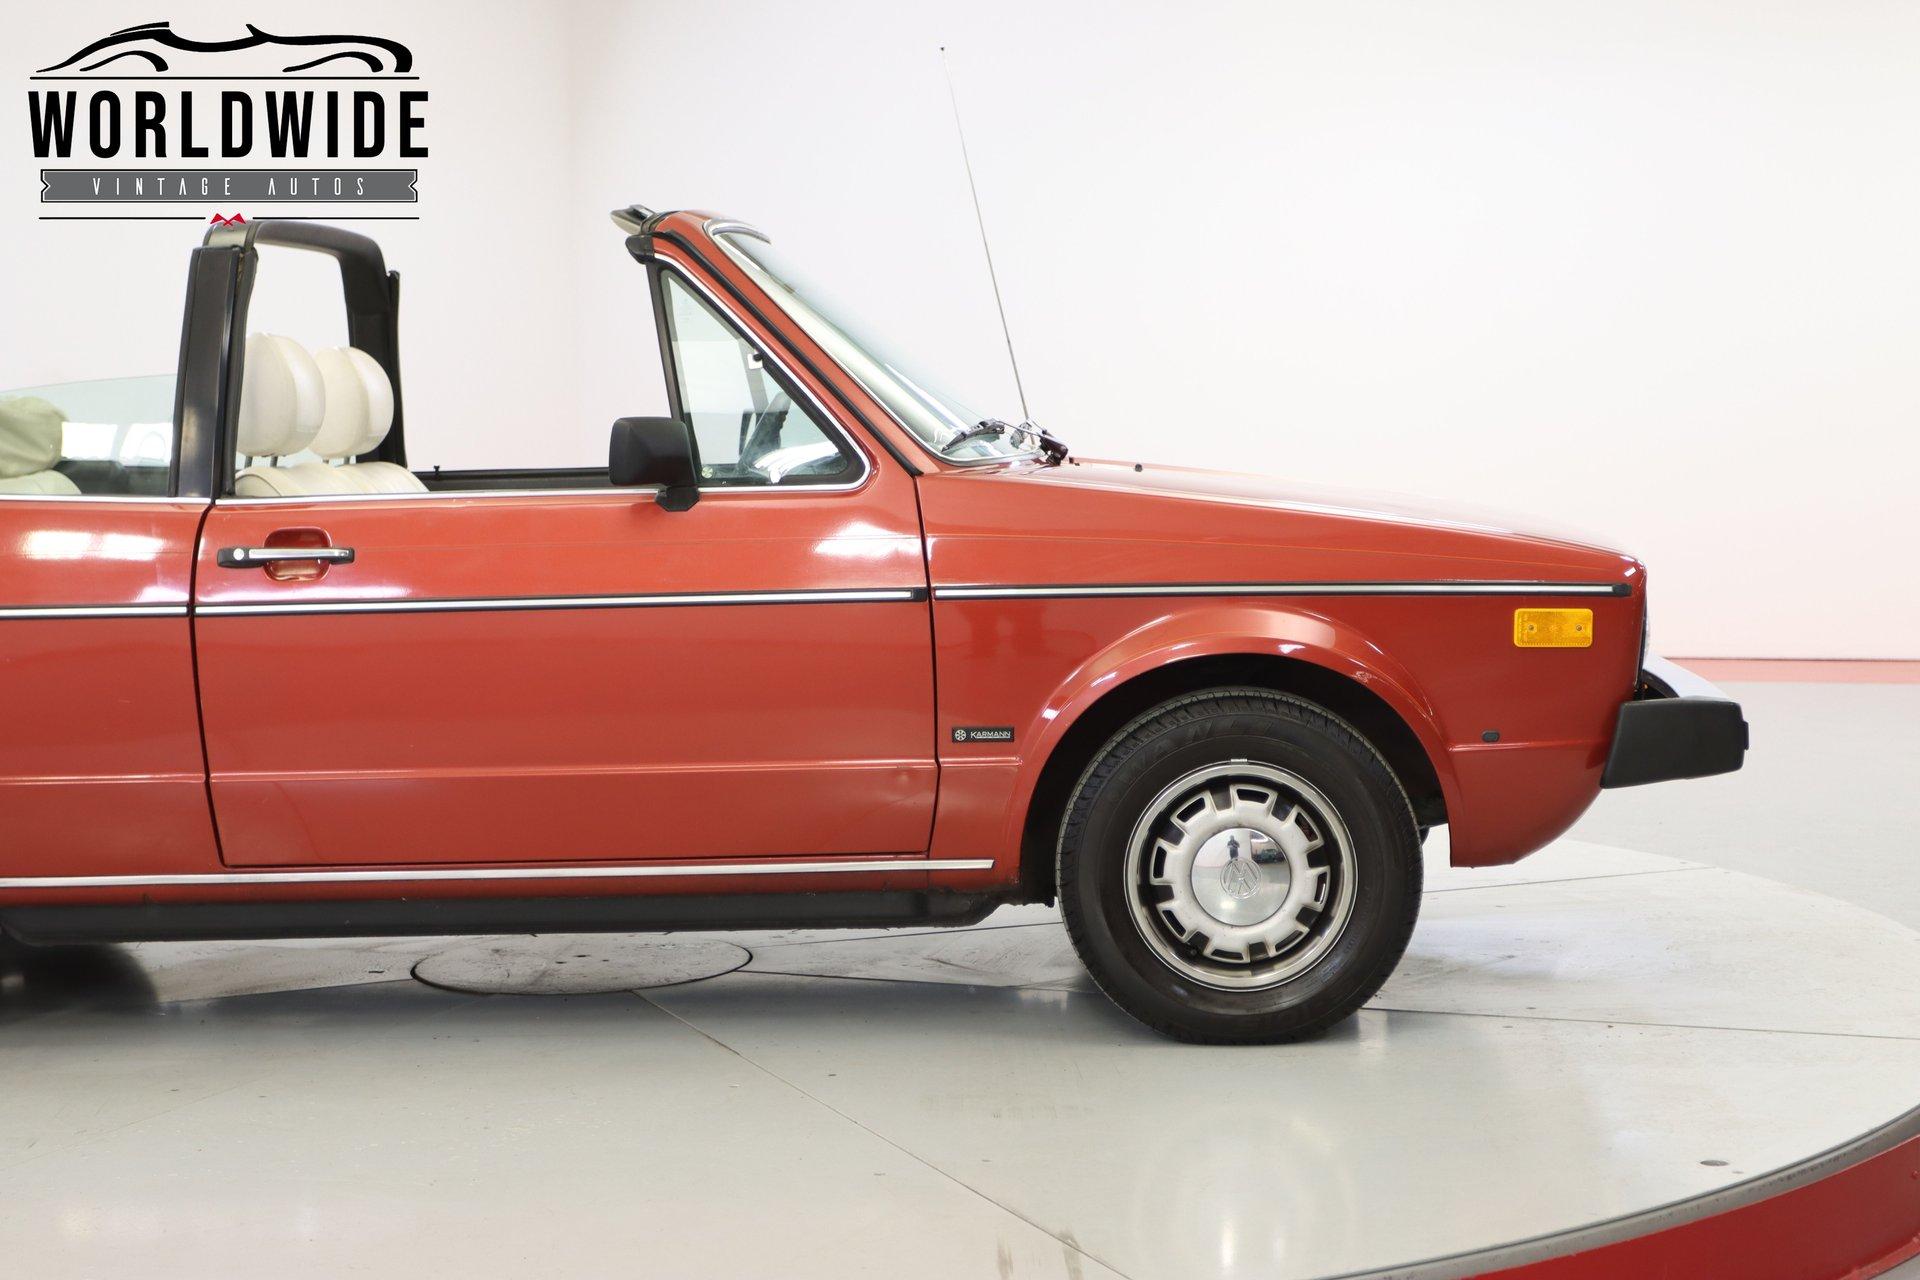 1980 Volkswagen Rabbit